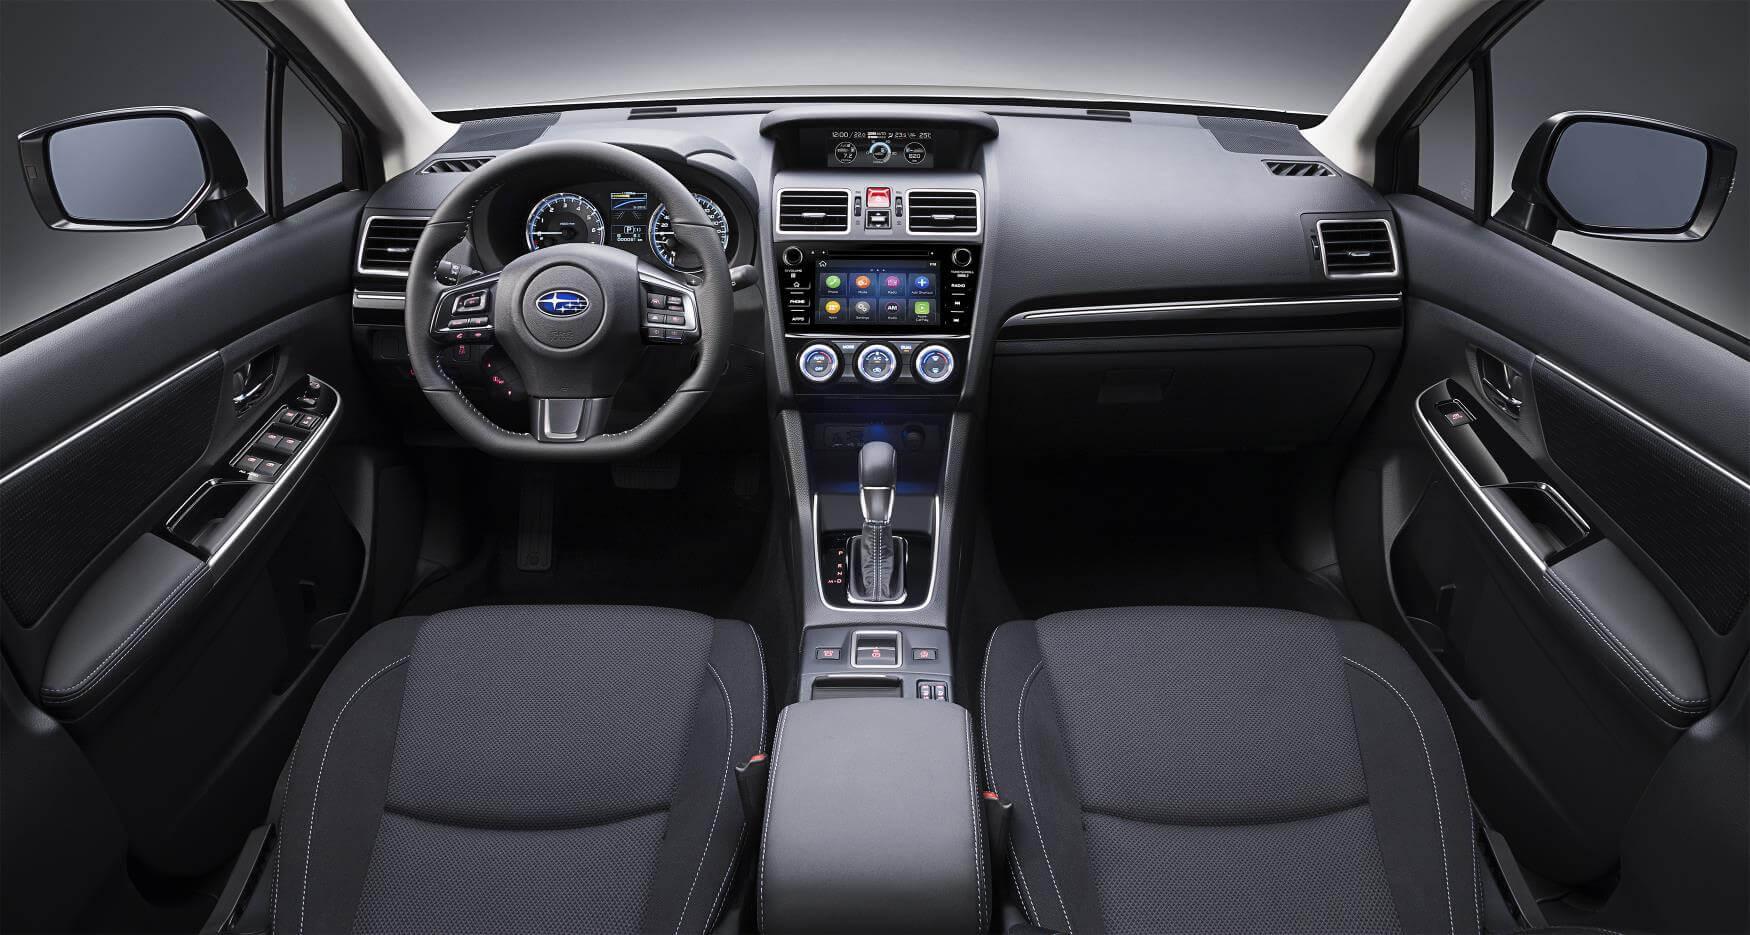 Subaru Levorg 2019: interior